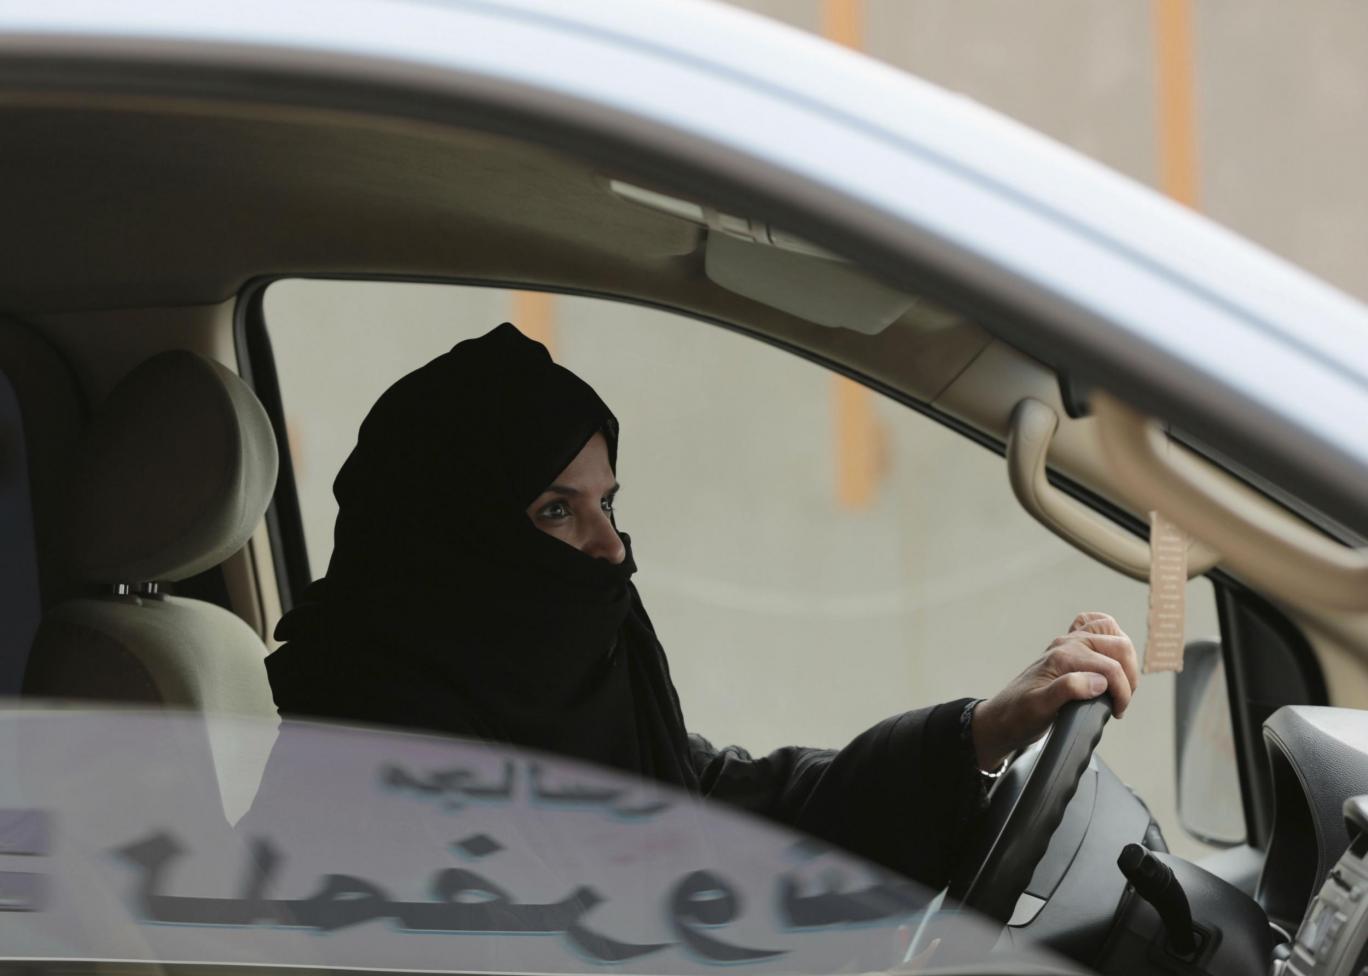 Saoudienne conduisant illégalement une voiture le 19 mars 2014